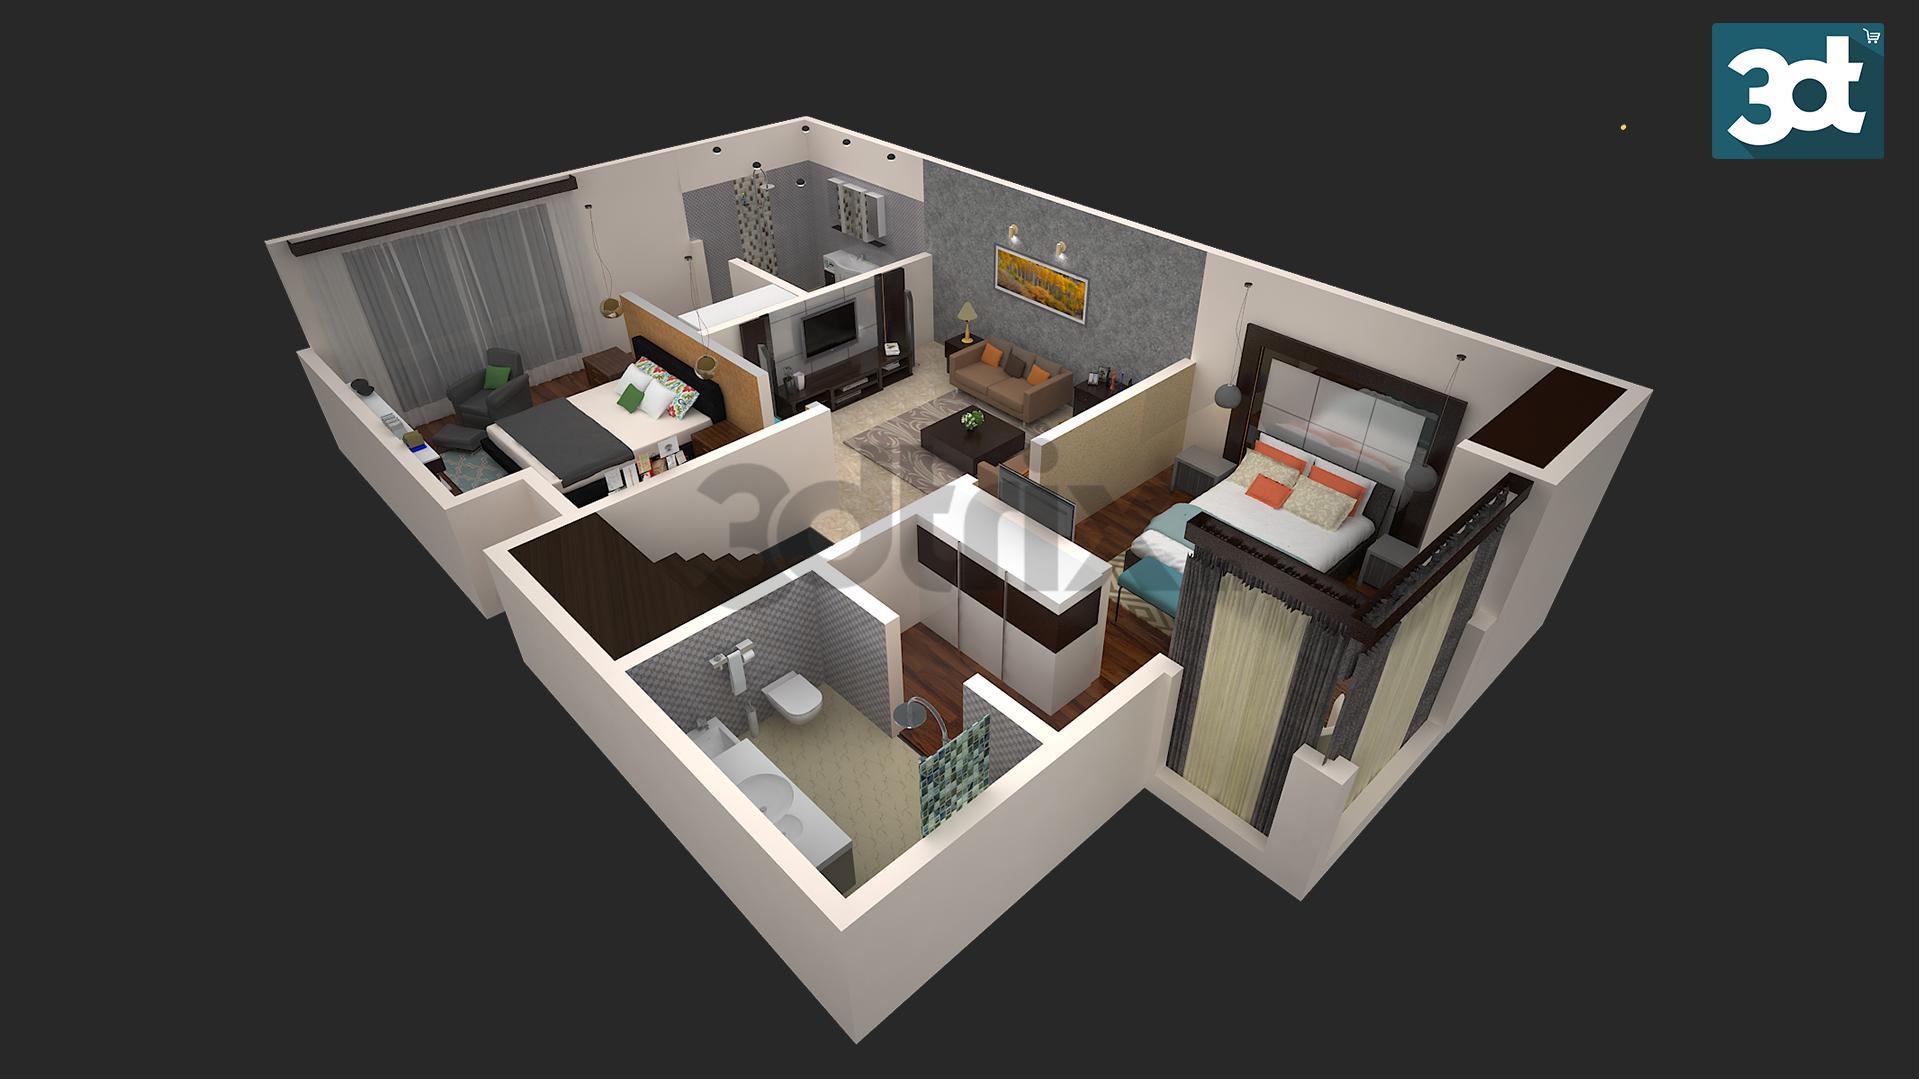 3d Interior Bird S Eye View 3dtrix